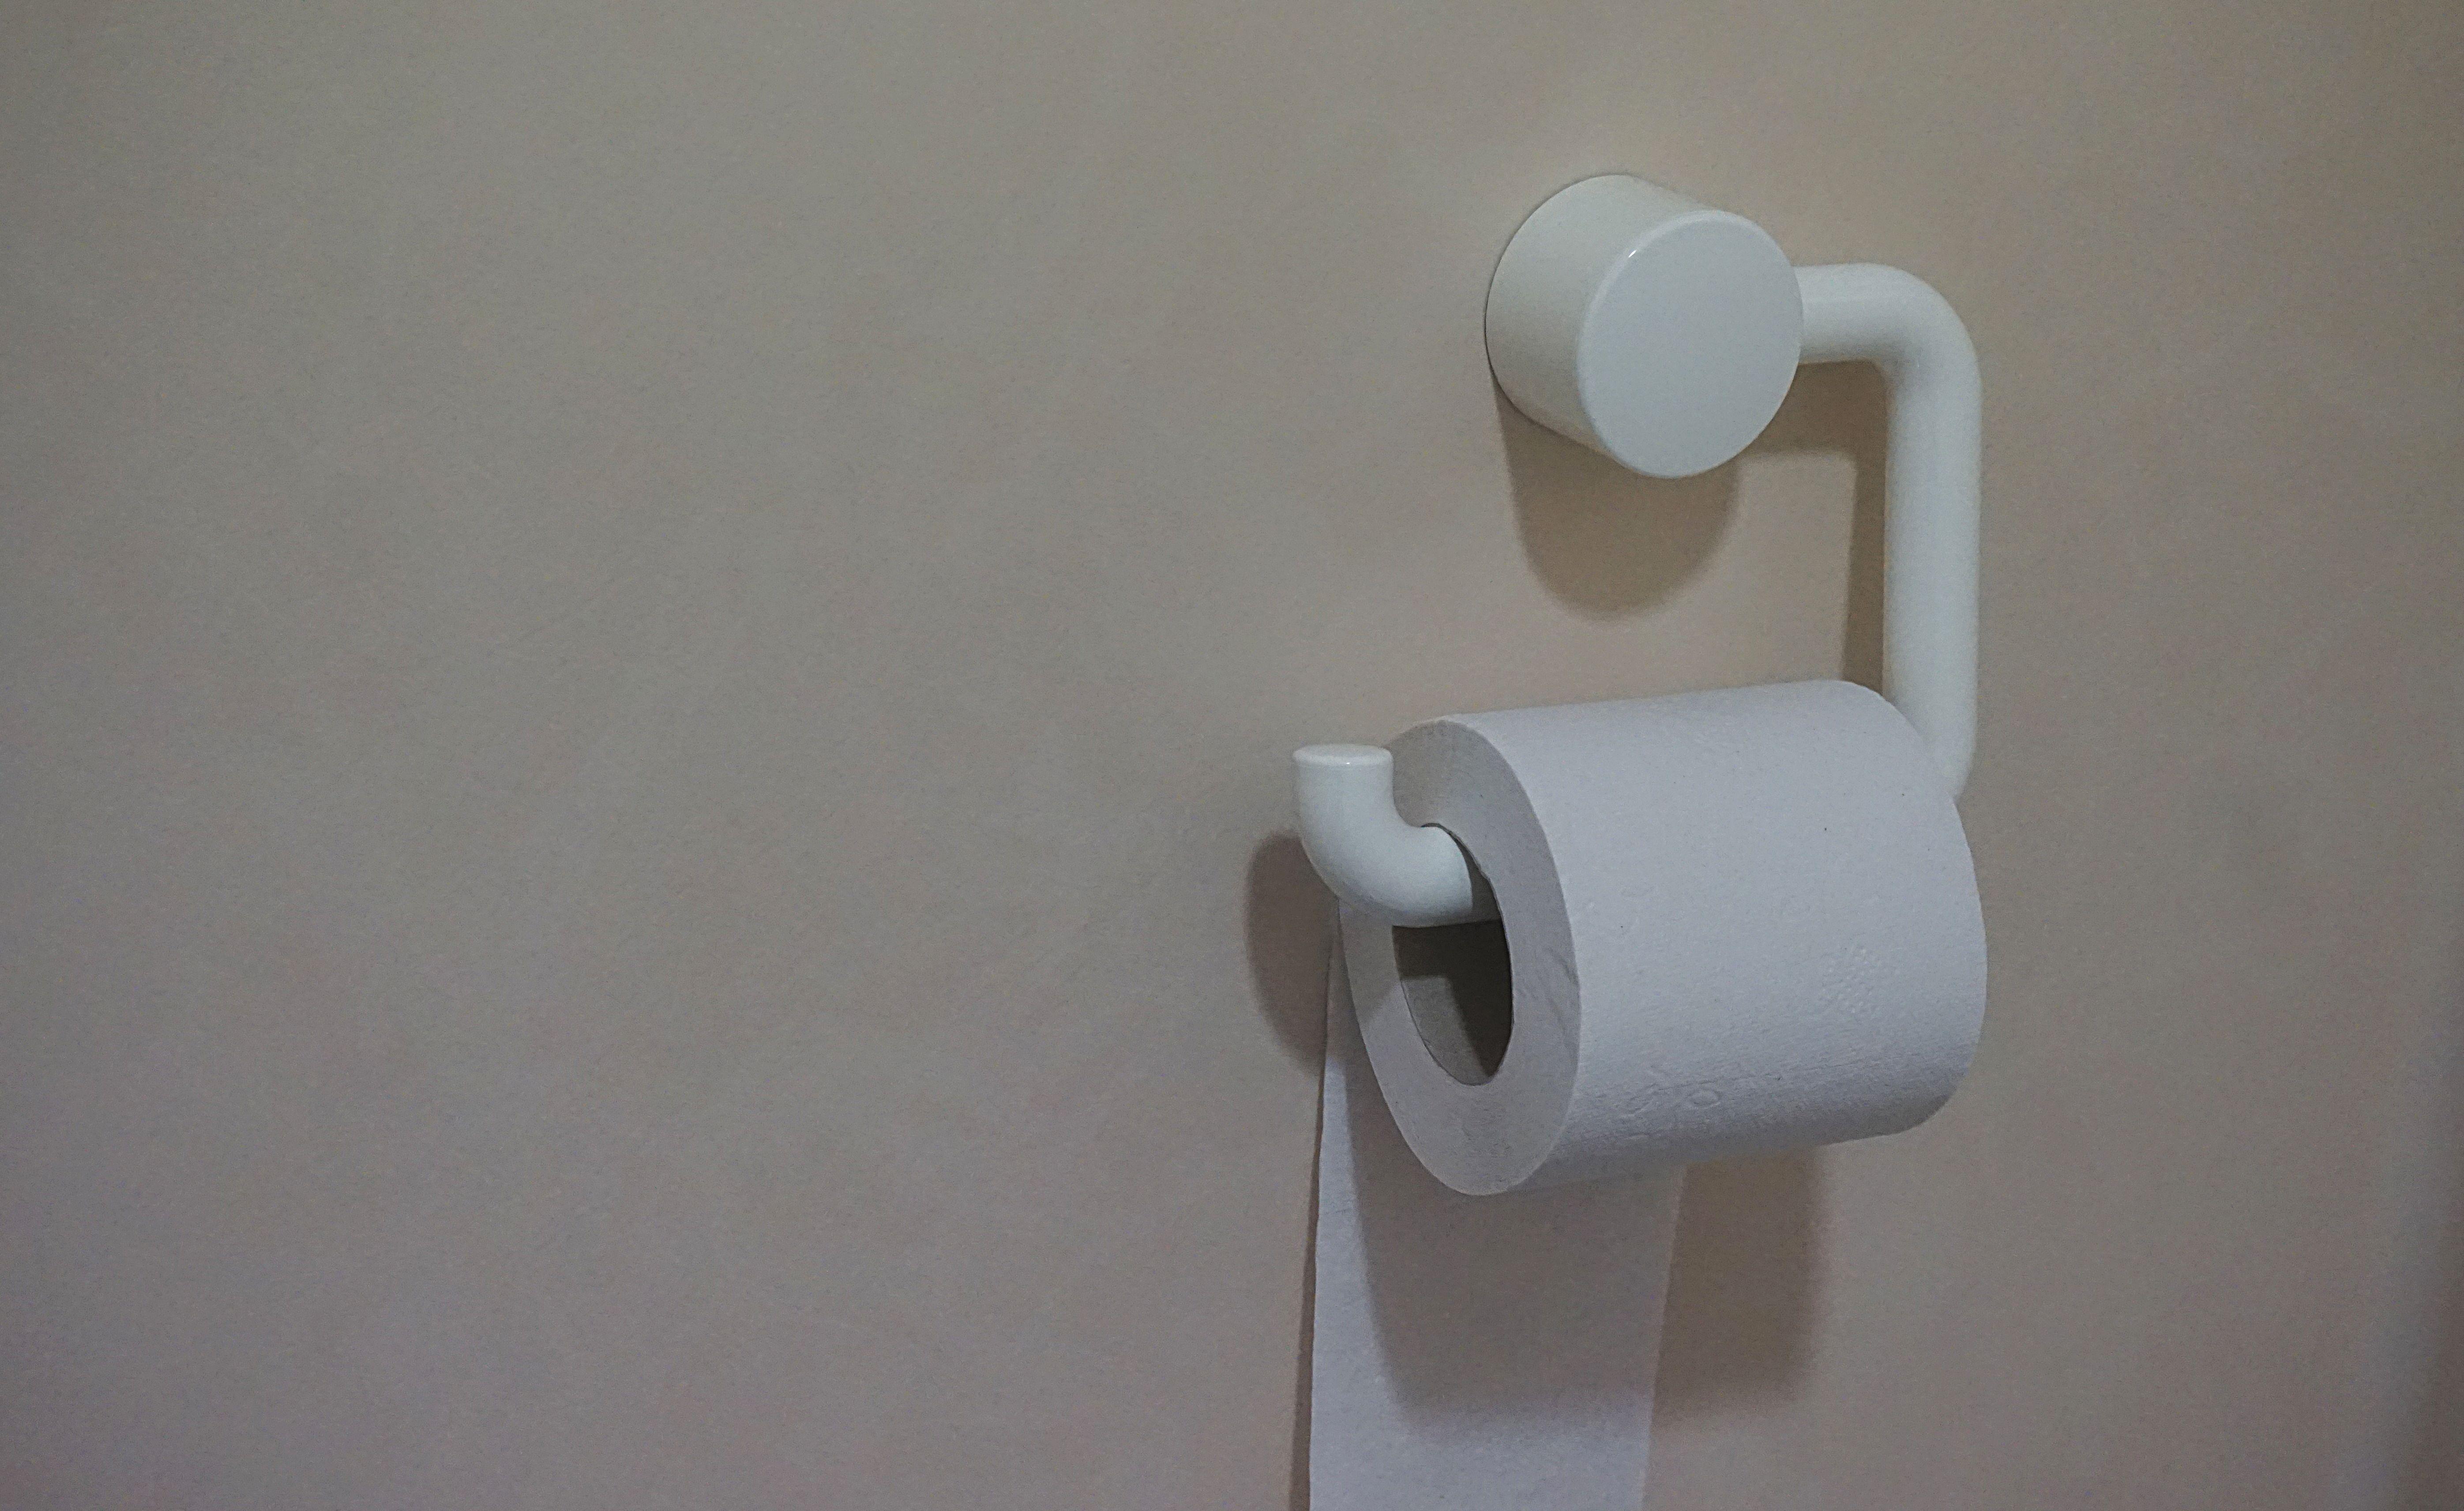 Gambar Putih Dinding Bayangan Toilet Lampu Telinga